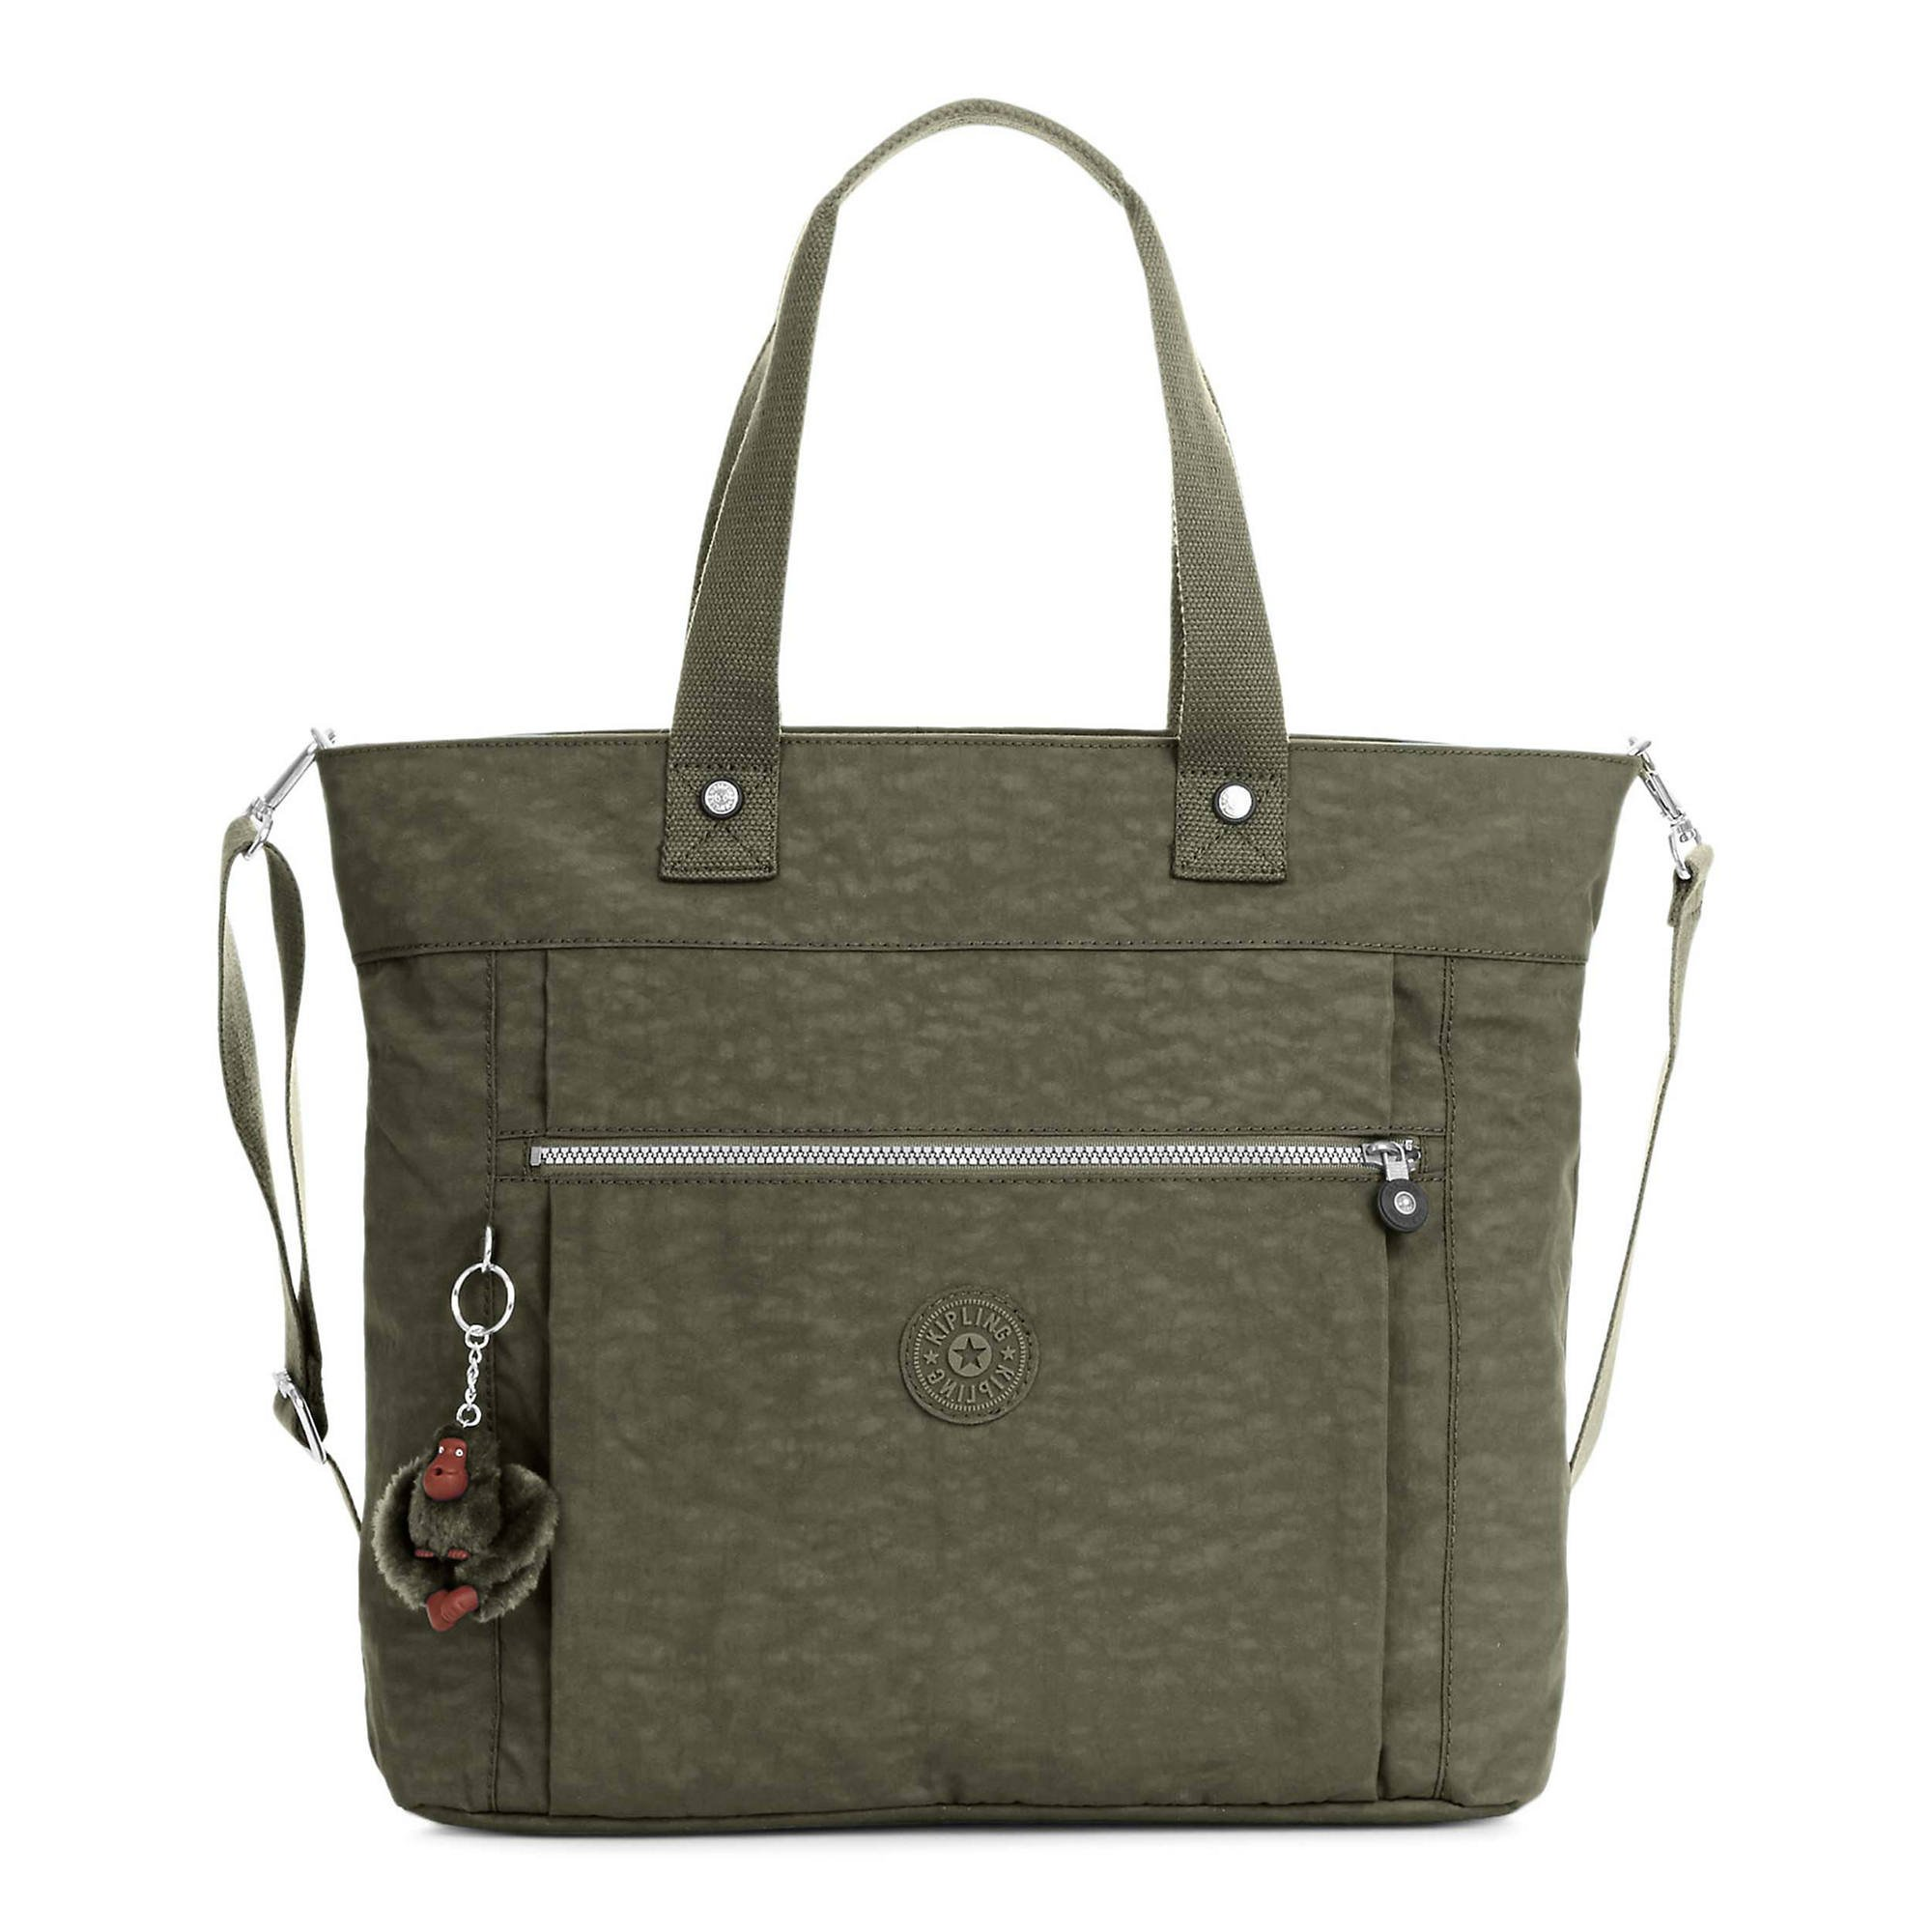 Kipling Lizzie Solid Laptop Tote Bag, Jaded Green